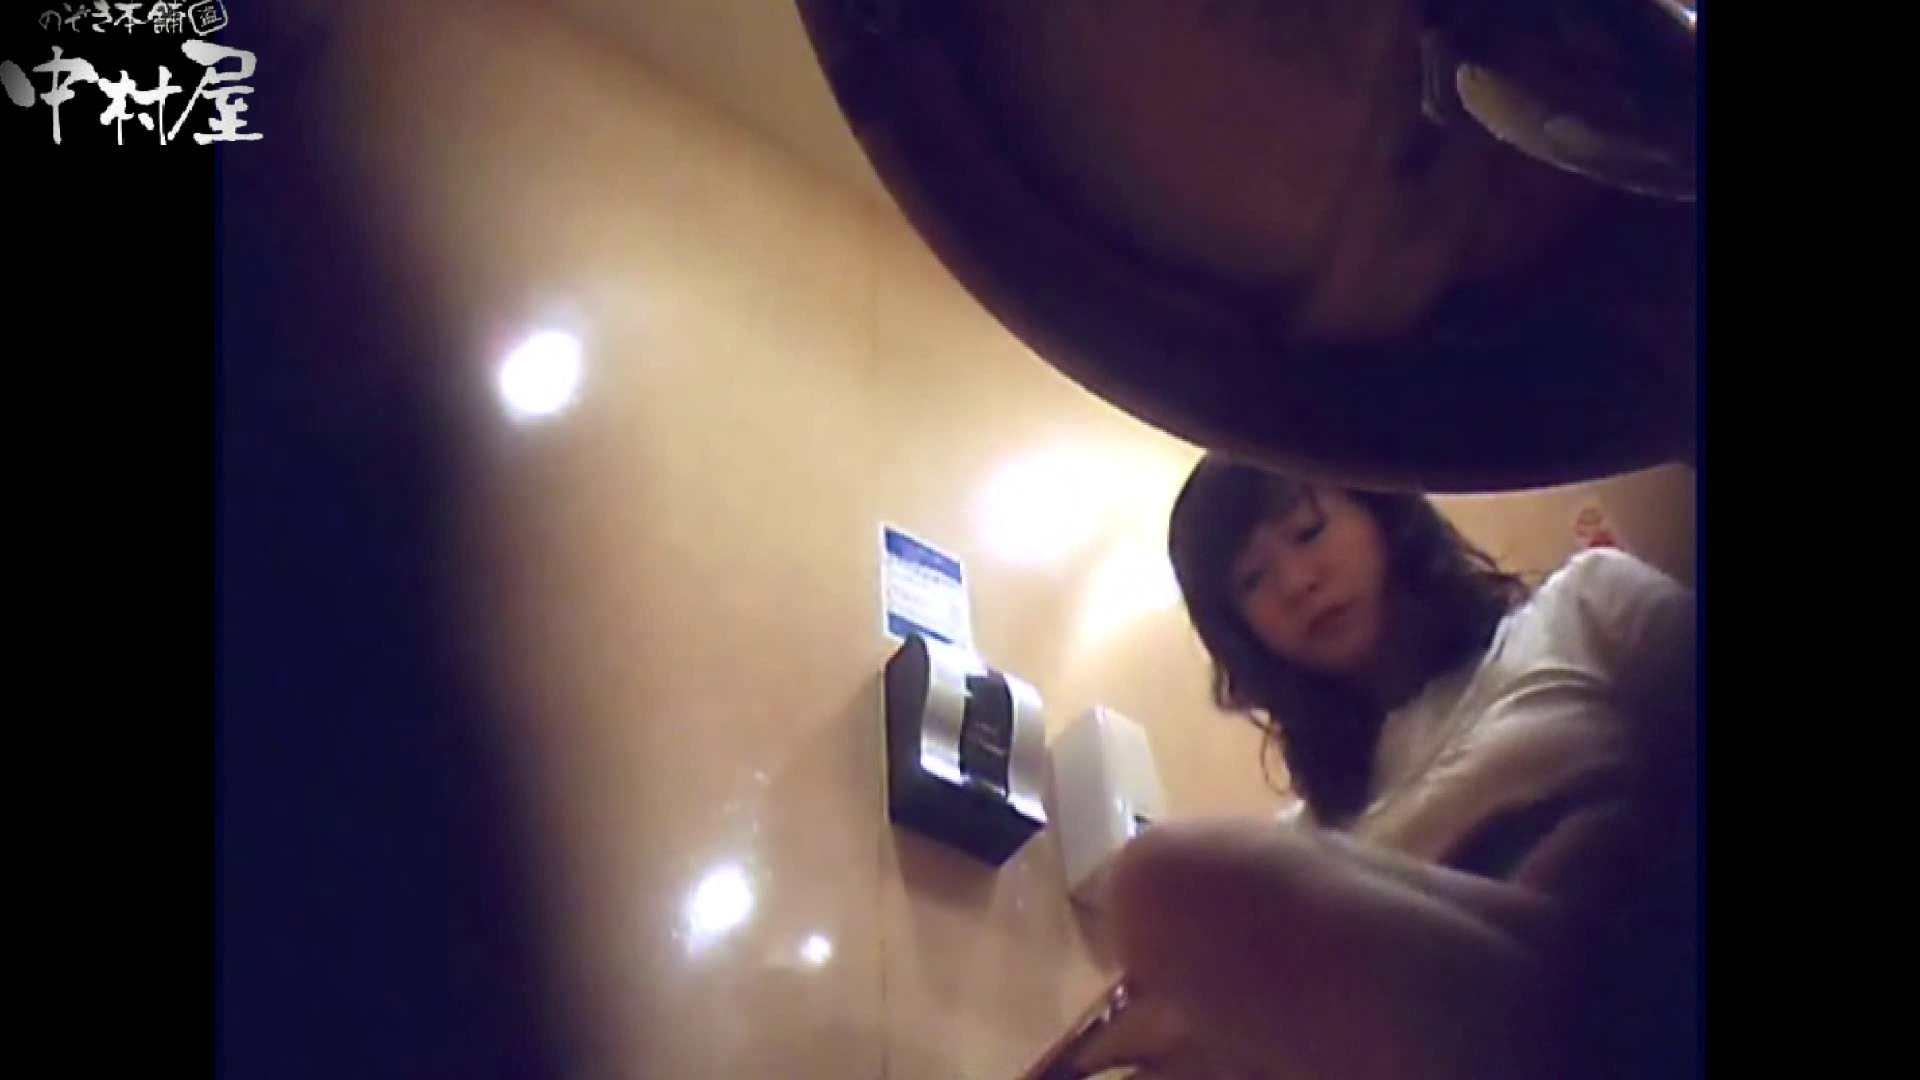 突撃!女子化粧室の真実vol.31前編 お姉さんヌード 盗撮AV動画キャプチャ 75画像 2